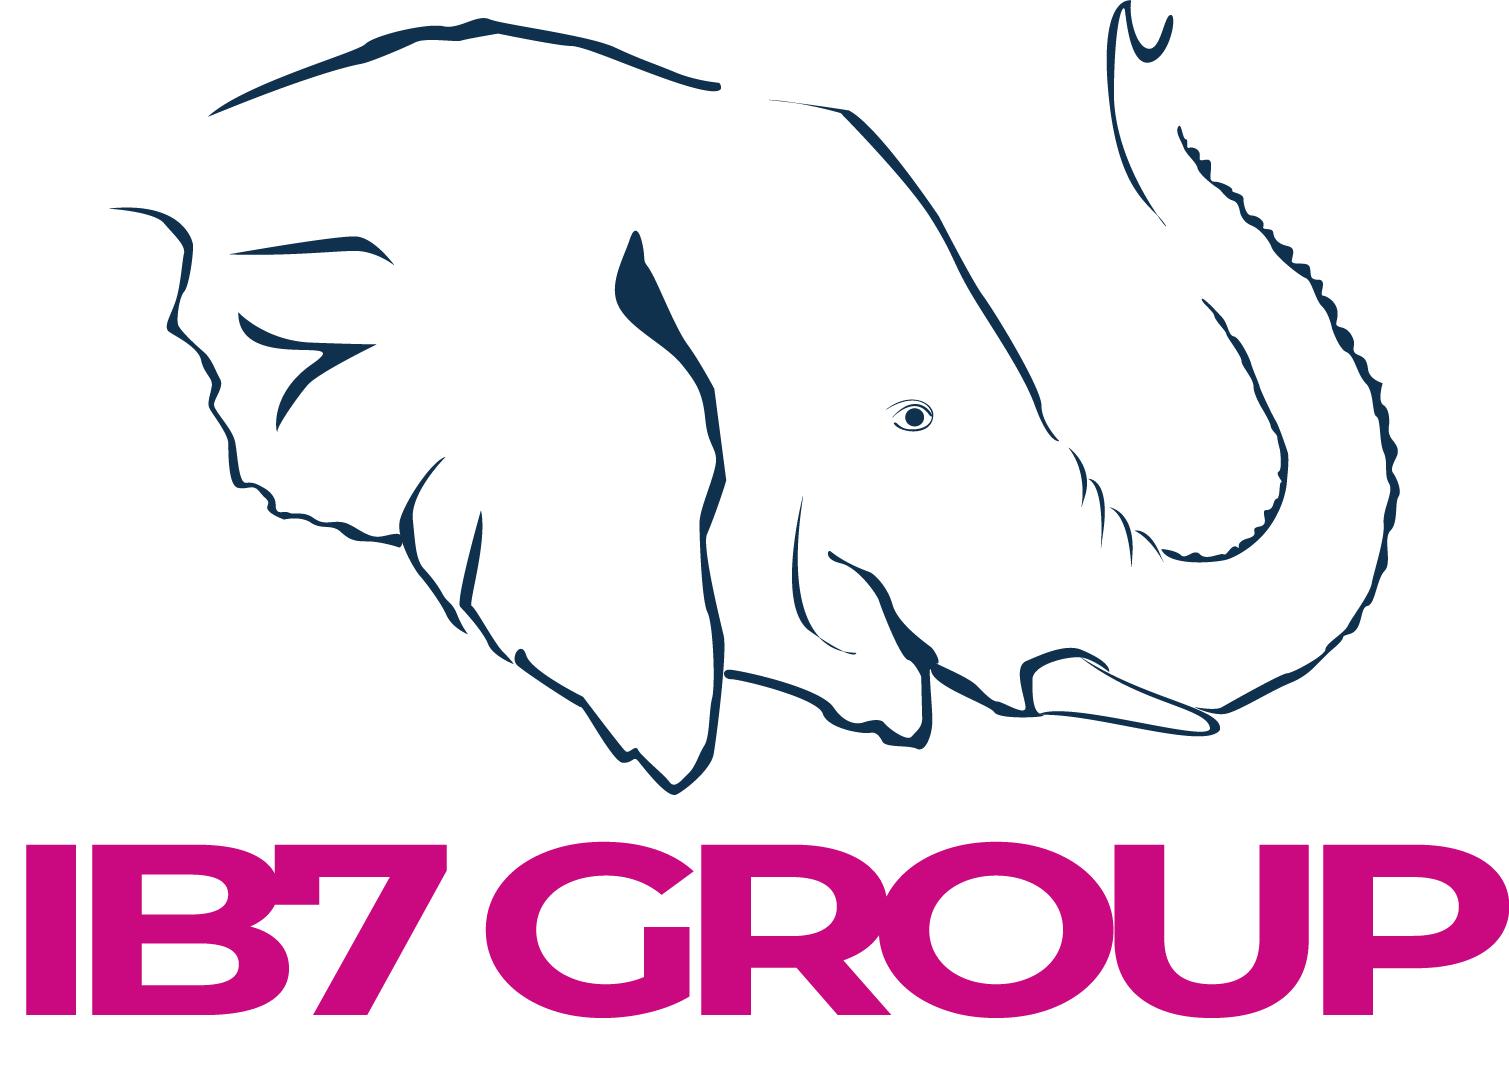 logo_IB7Group